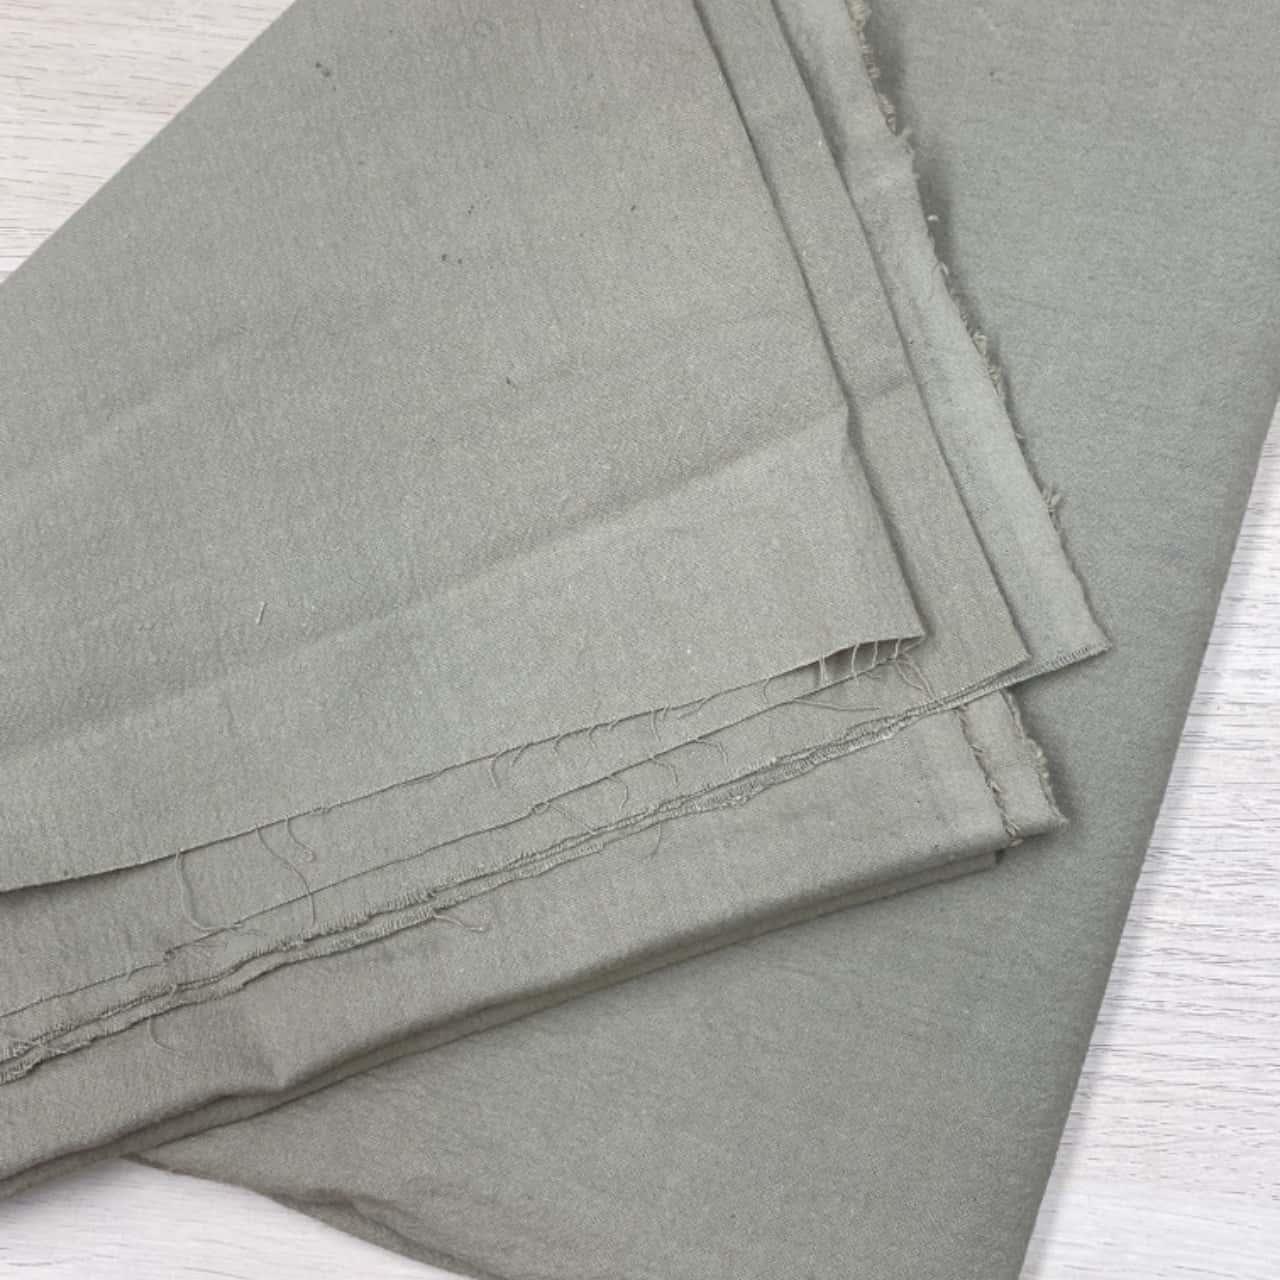 BNWOT Beige Colour Material 190x120cm